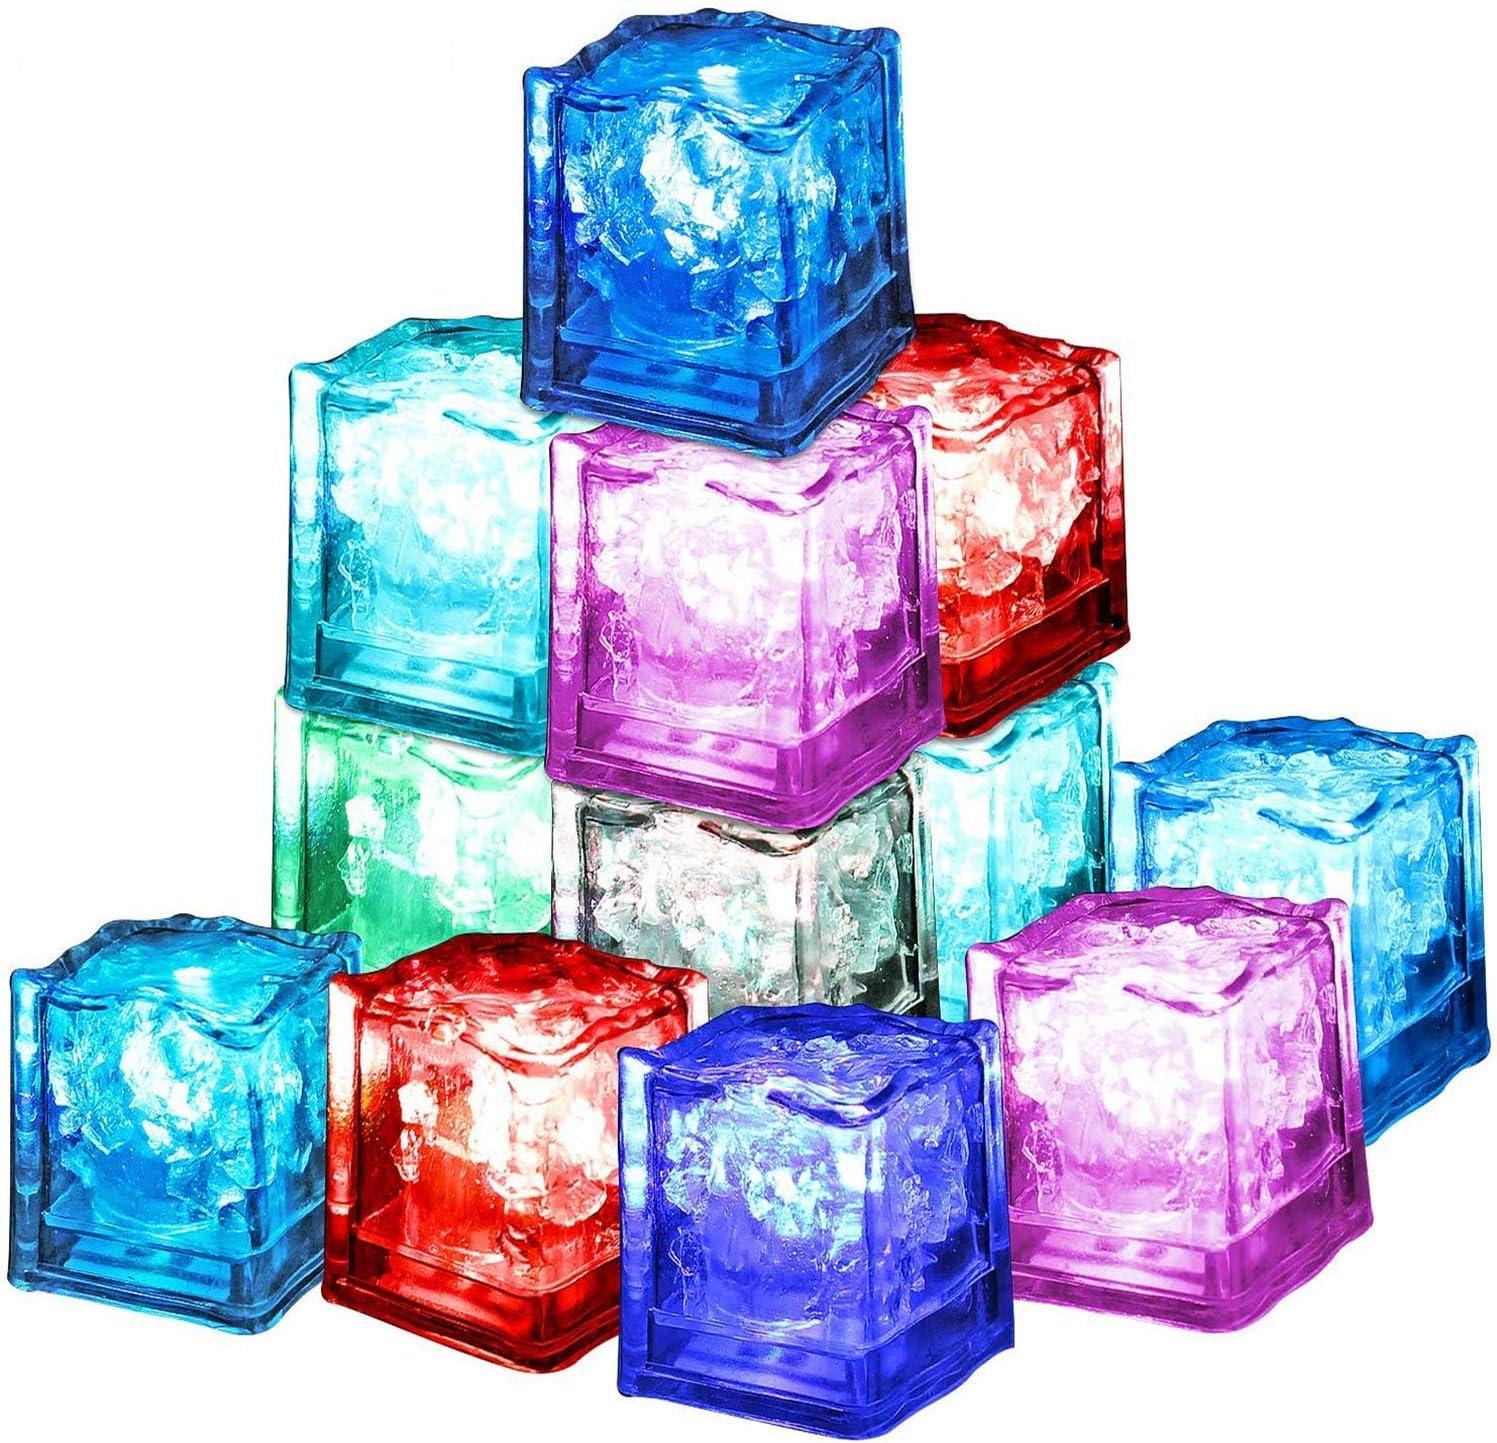 XLKJ 12 Pcs Cubitos de Hielo LED Colorido y Reutilizable Decorativo para Fiesta, Boda, Club y Bar ect